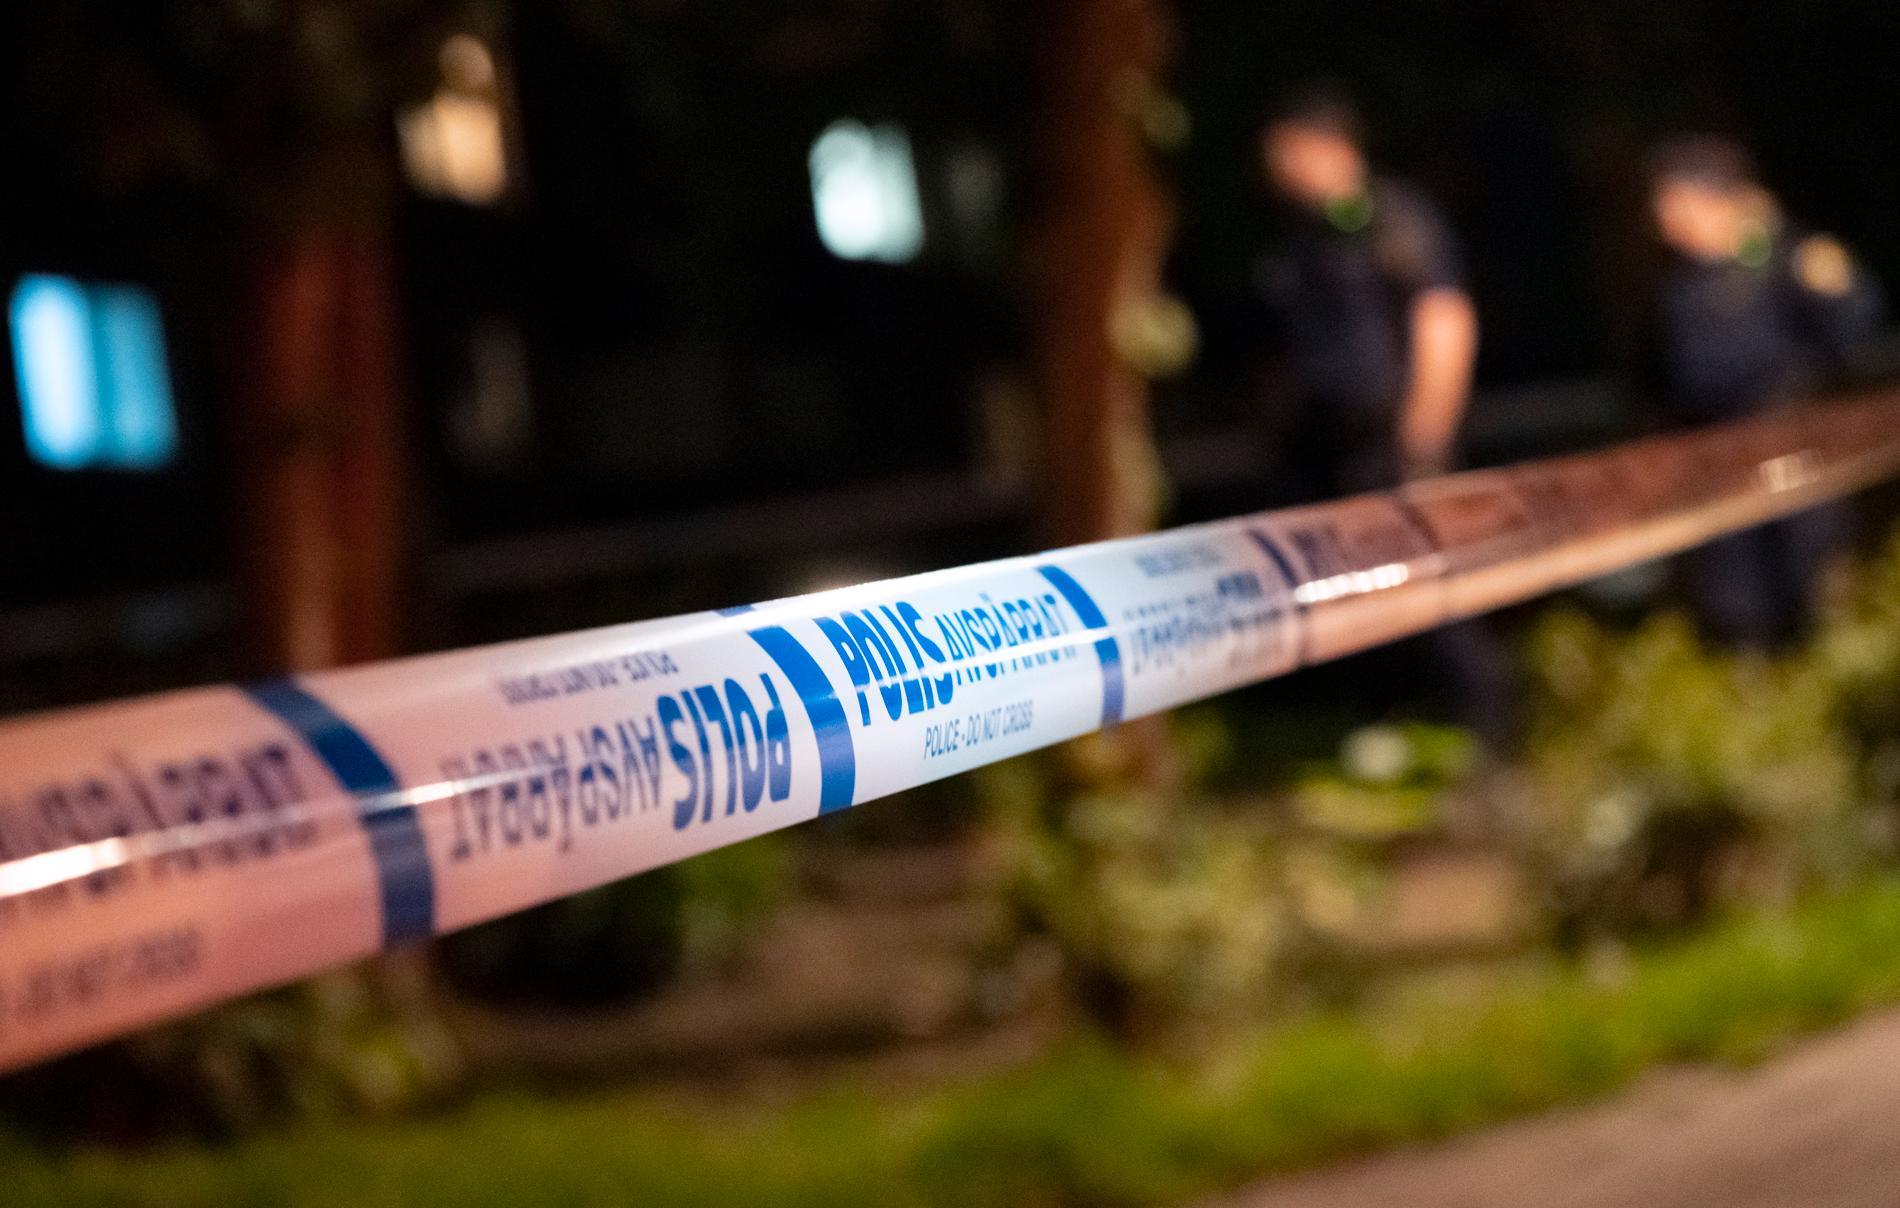 En kvinna som hittades död i ett skogsparti i Göteborg misstänktes ha blivit mördad, men efter obduktionen lade polisen ned utredningen. Arkivbild.